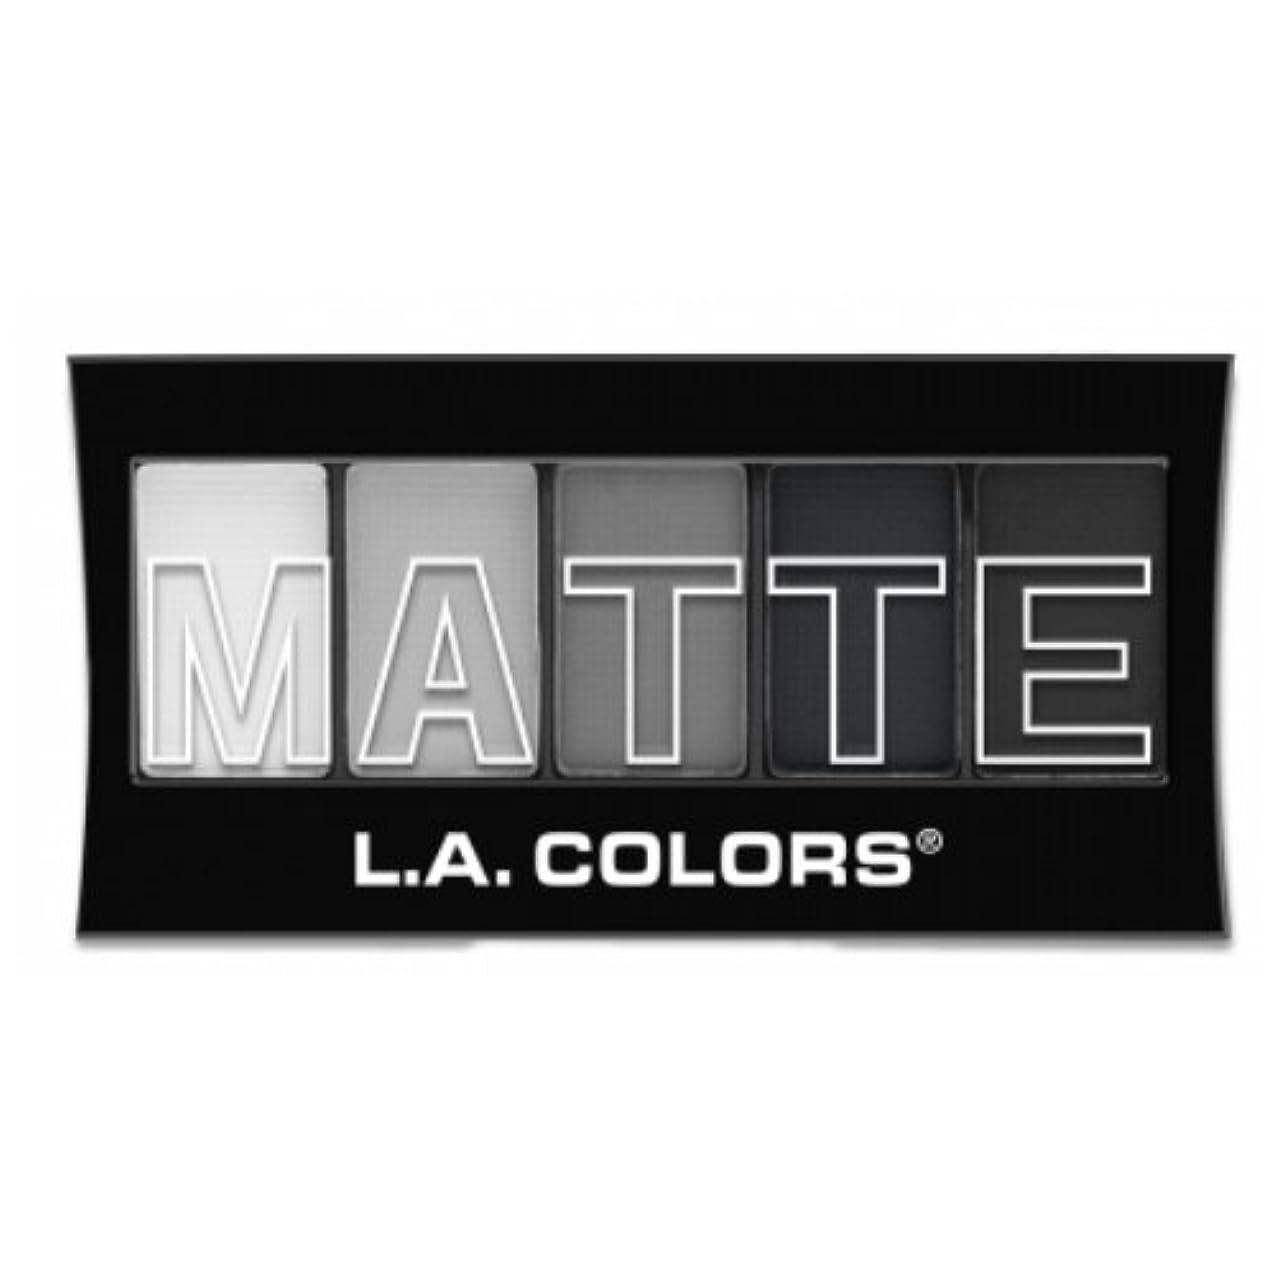 ペストプログラム愛されし者(3 Pack) L.A. Colors Matte Eyeshadow - Black Lace (並行輸入品)